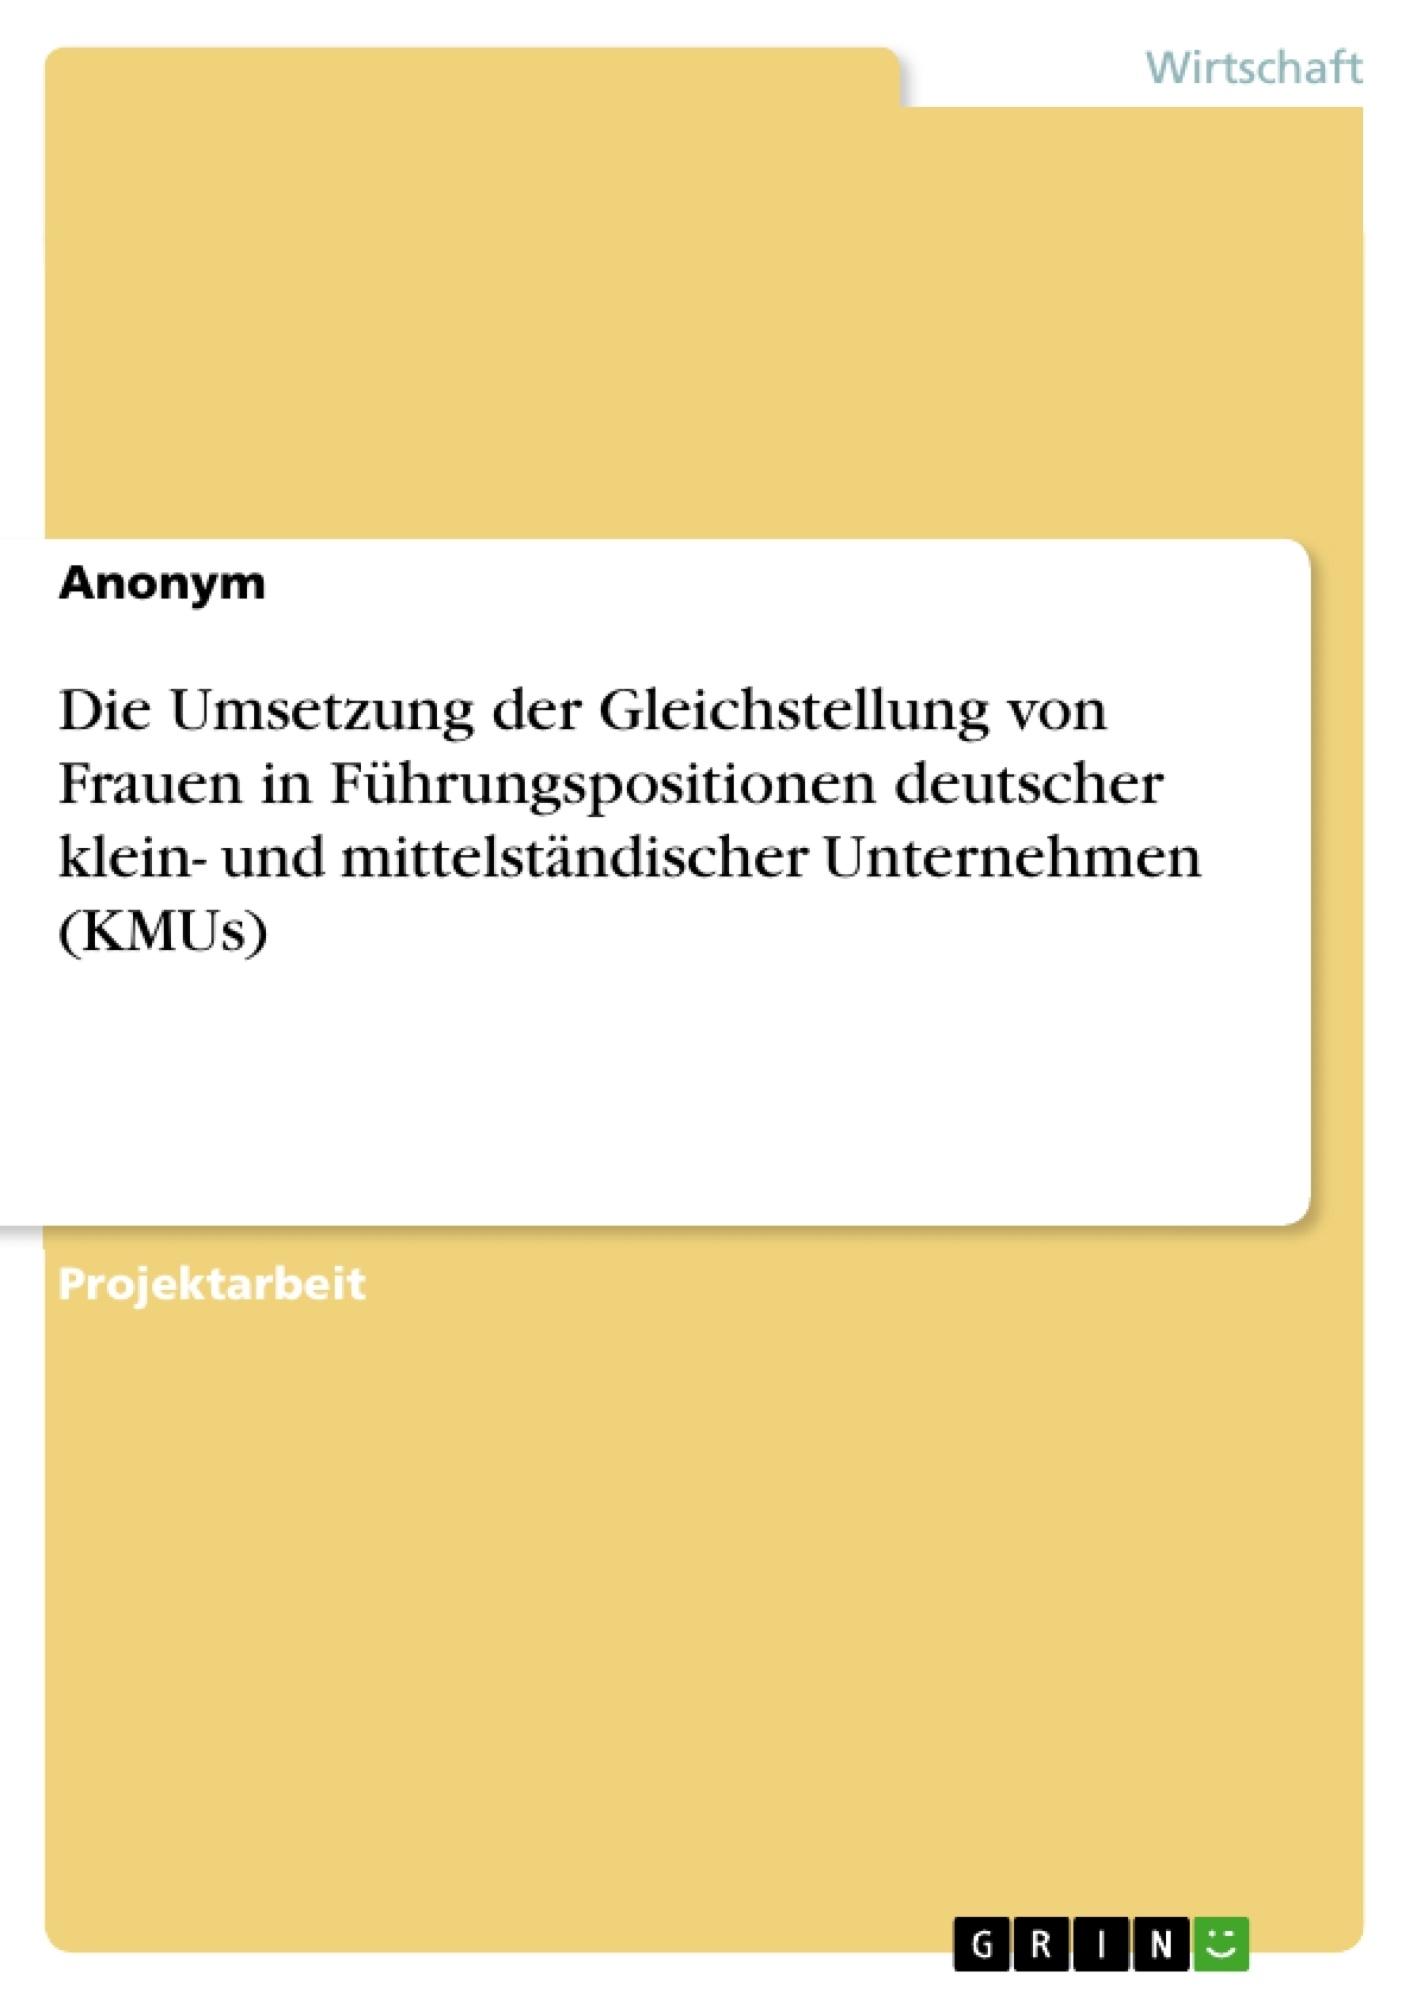 Titel: Die Umsetzung der Gleichstellung von Frauen in Führungspositionen deutscher klein- und mittelständischer Unternehmen (KMUs)